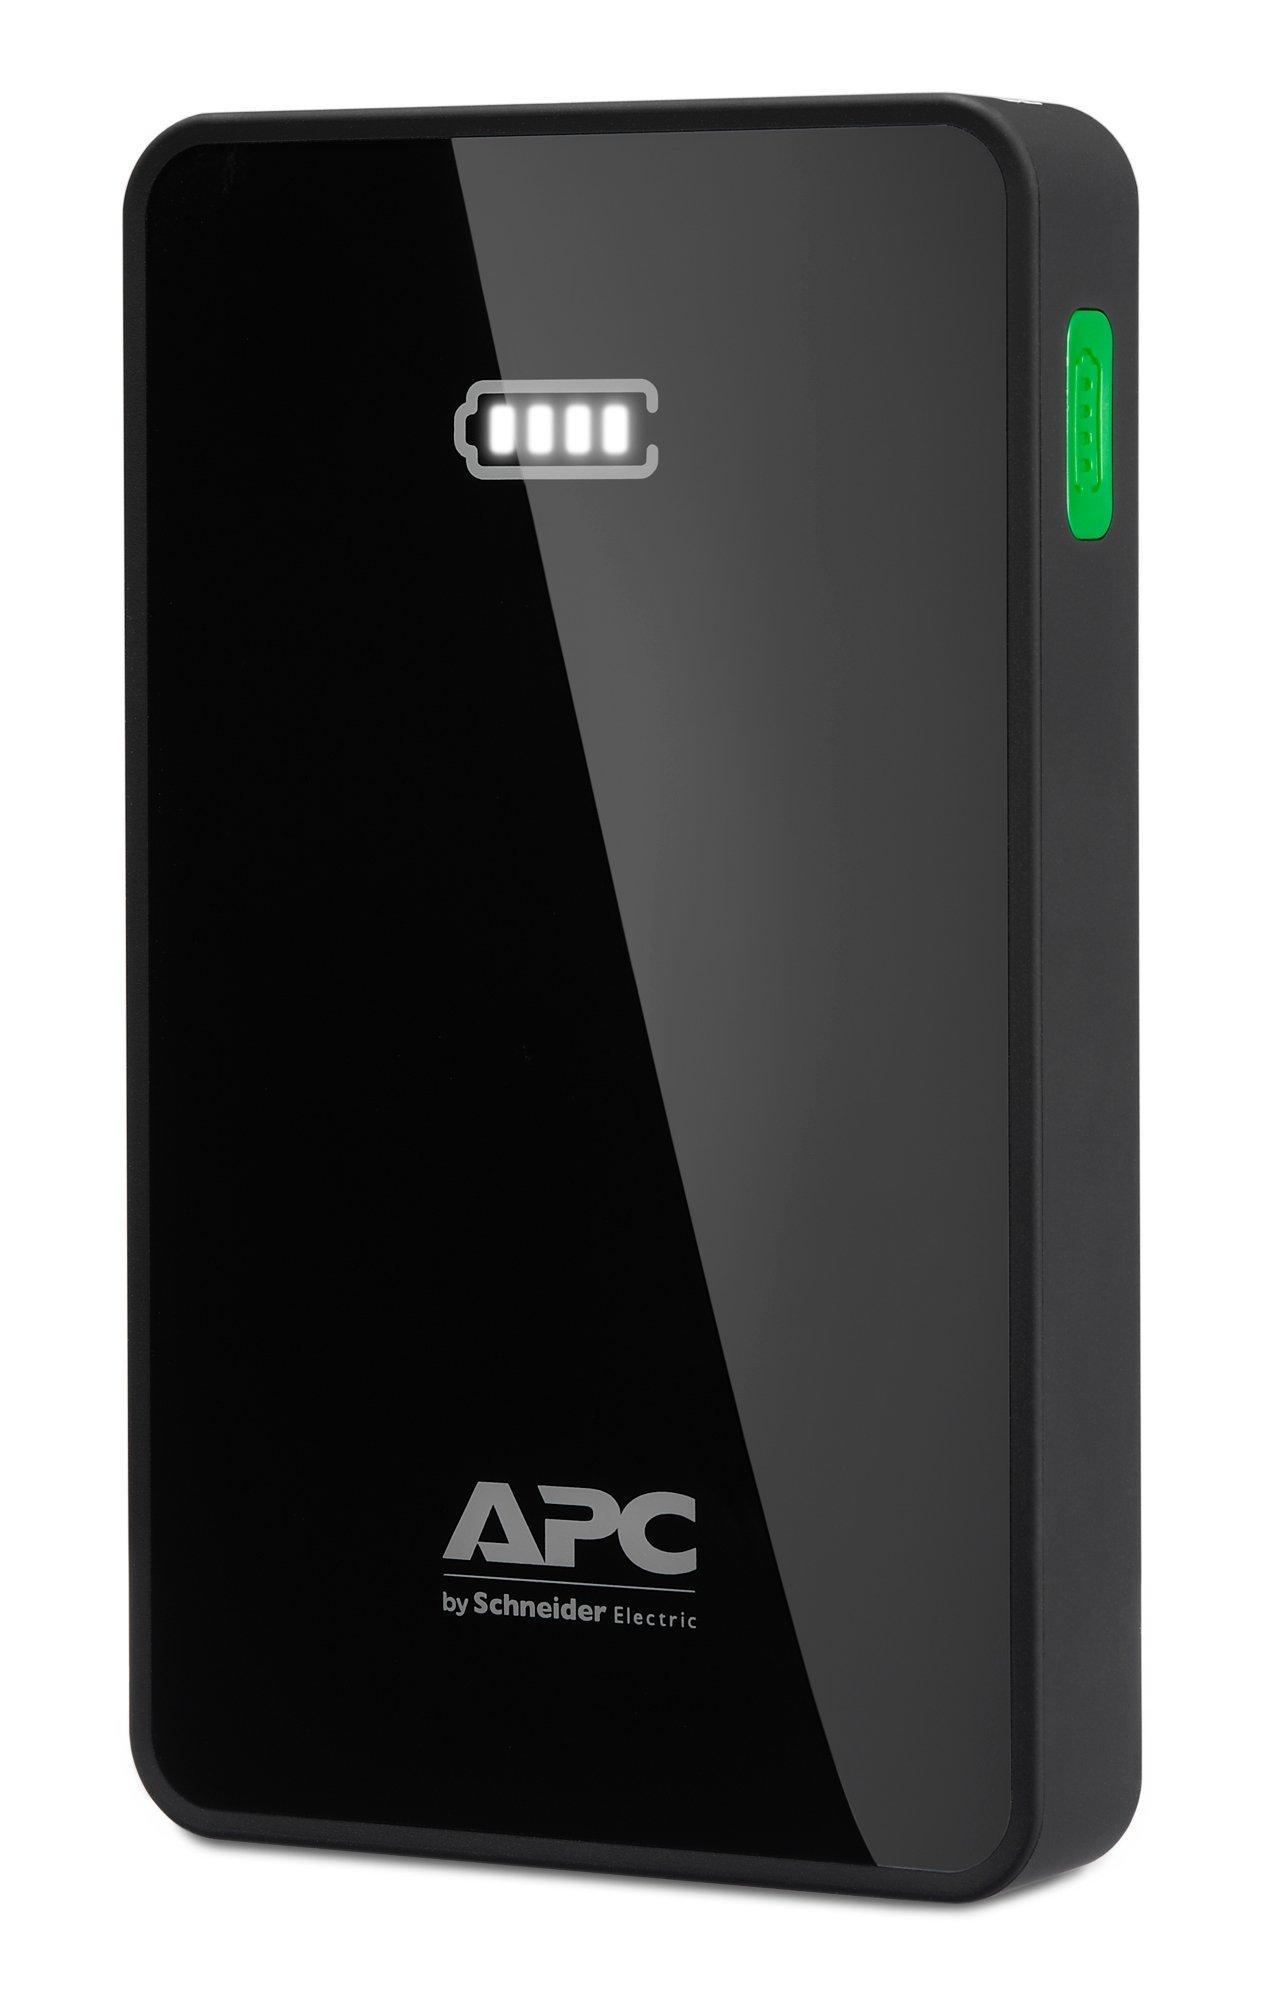 APC Mobile Power Pack 5000mAh M5BK-EC